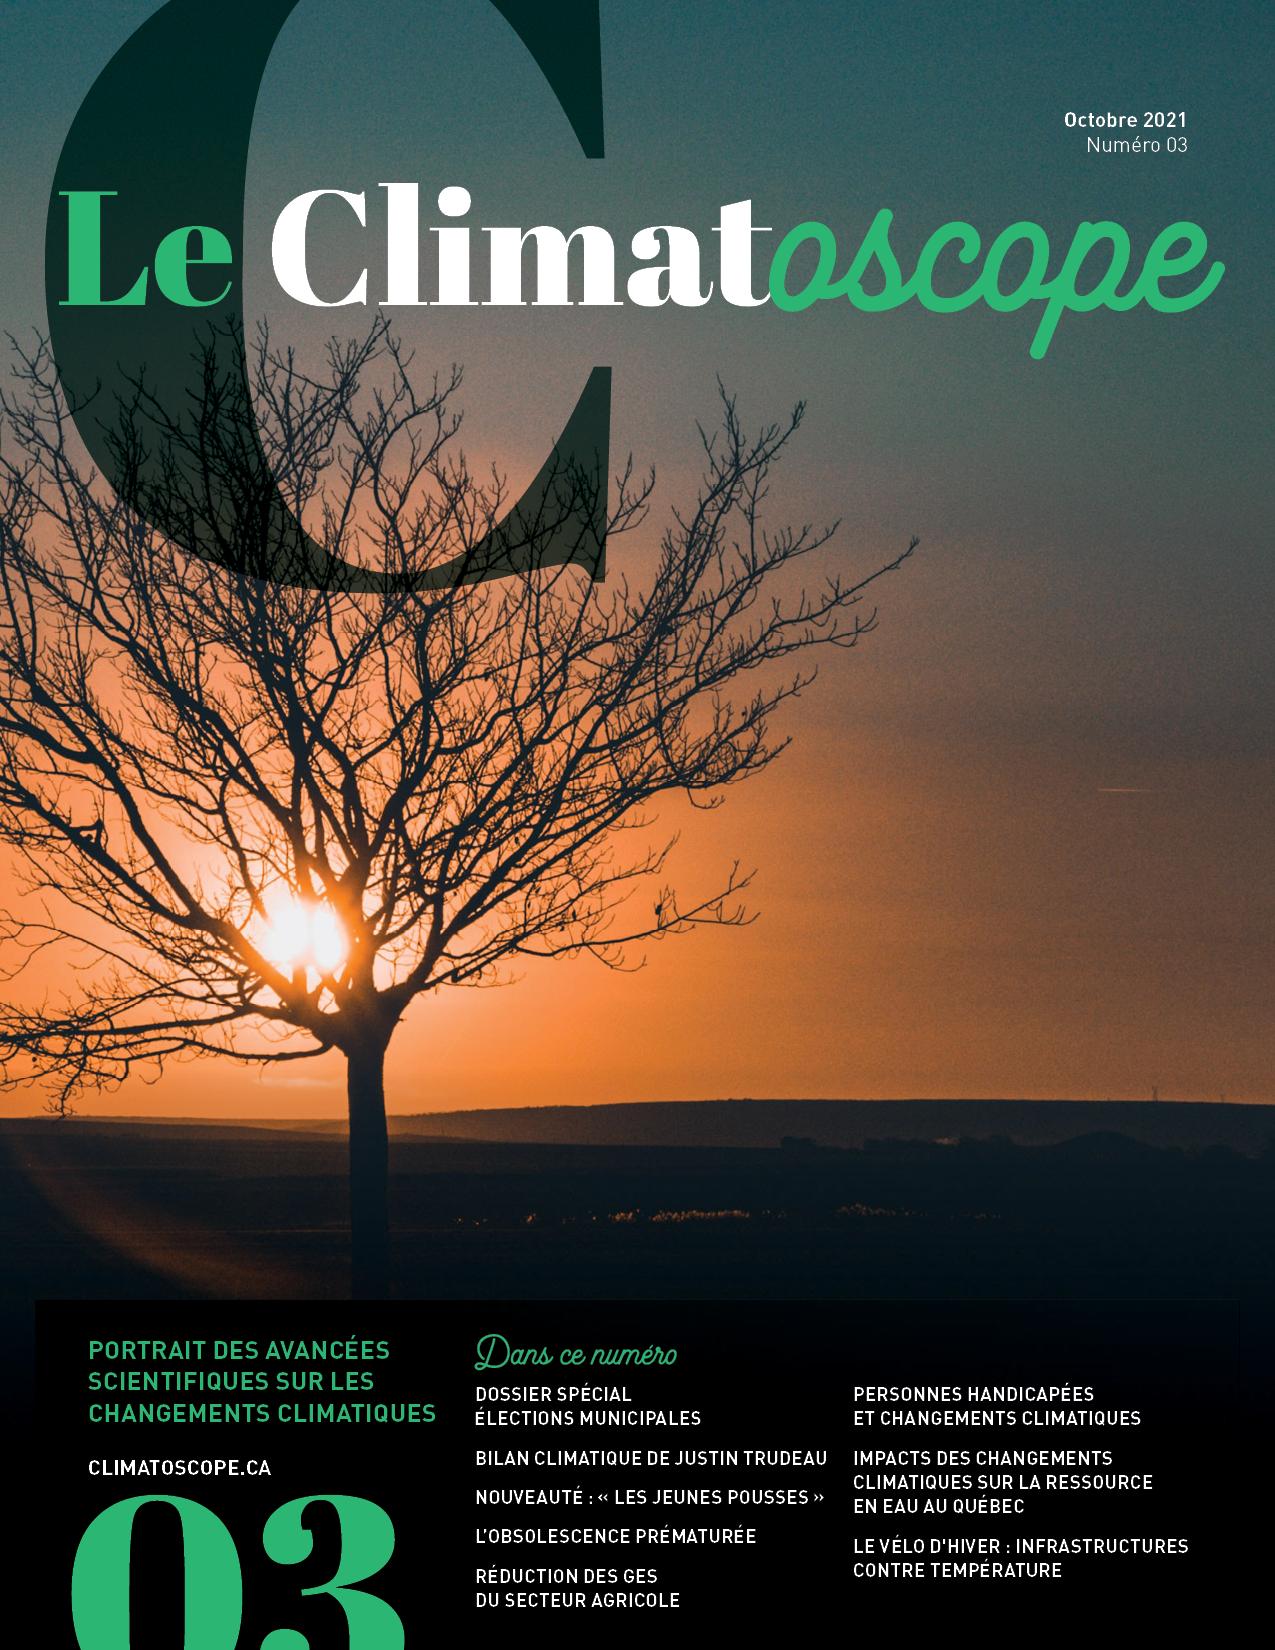 L'agroforesterie, une mesure d'adaptation contre les changements climatiques